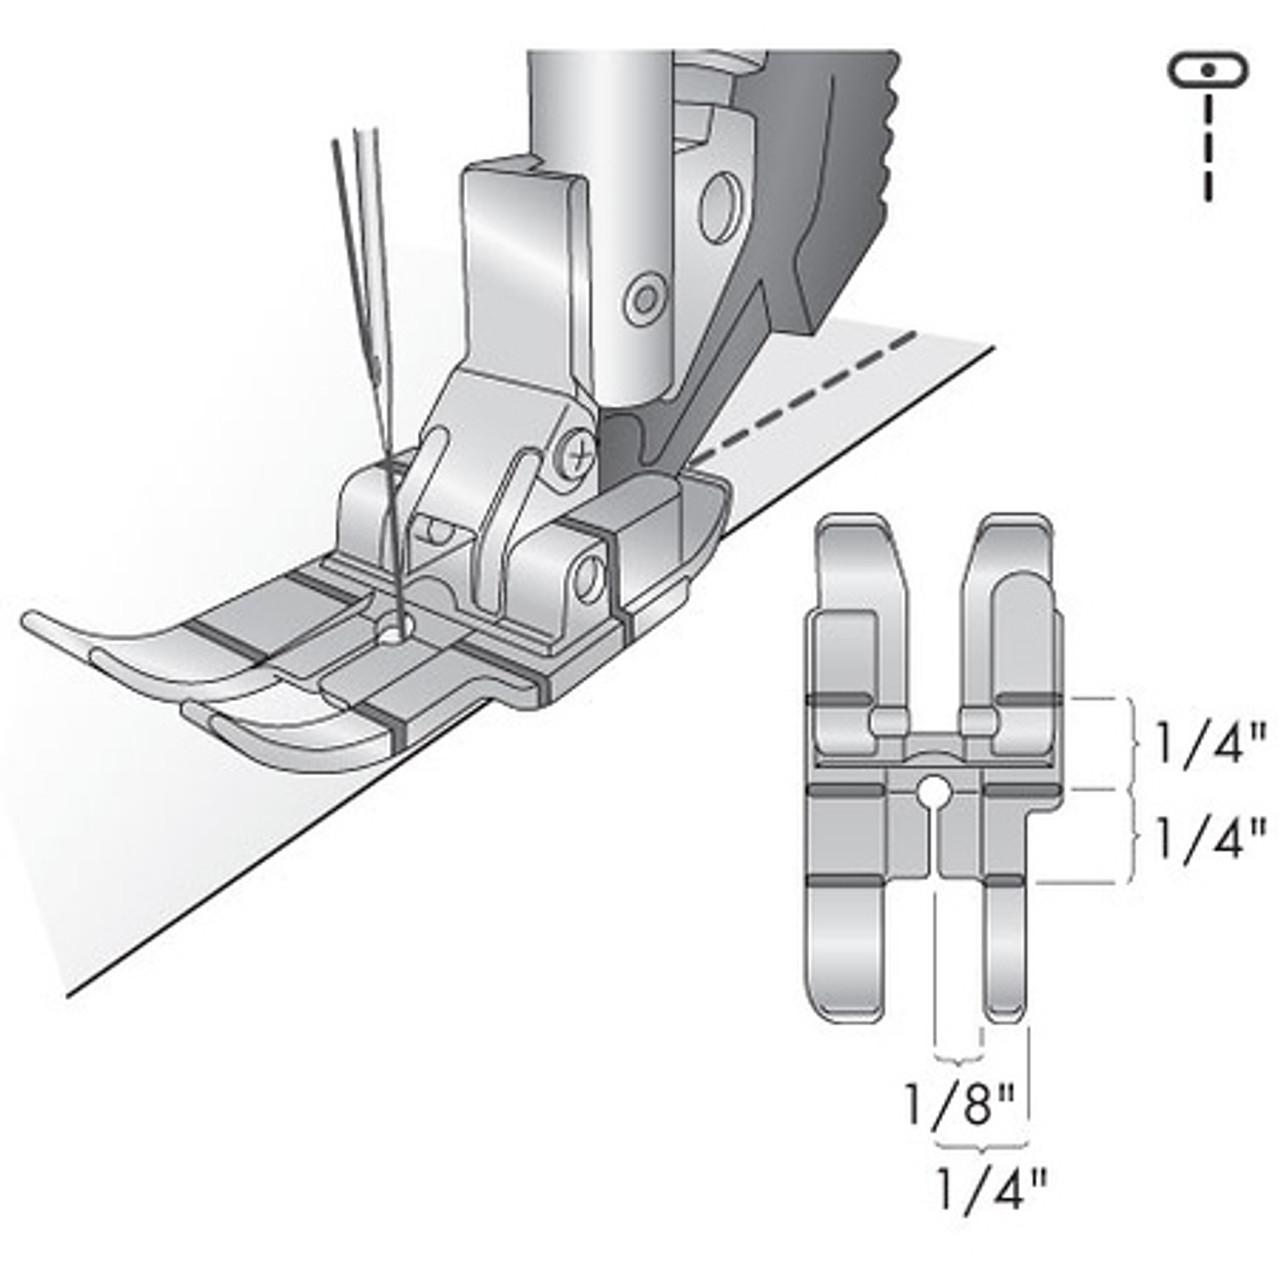 Pfaff 1/4 inch Quilting Foot